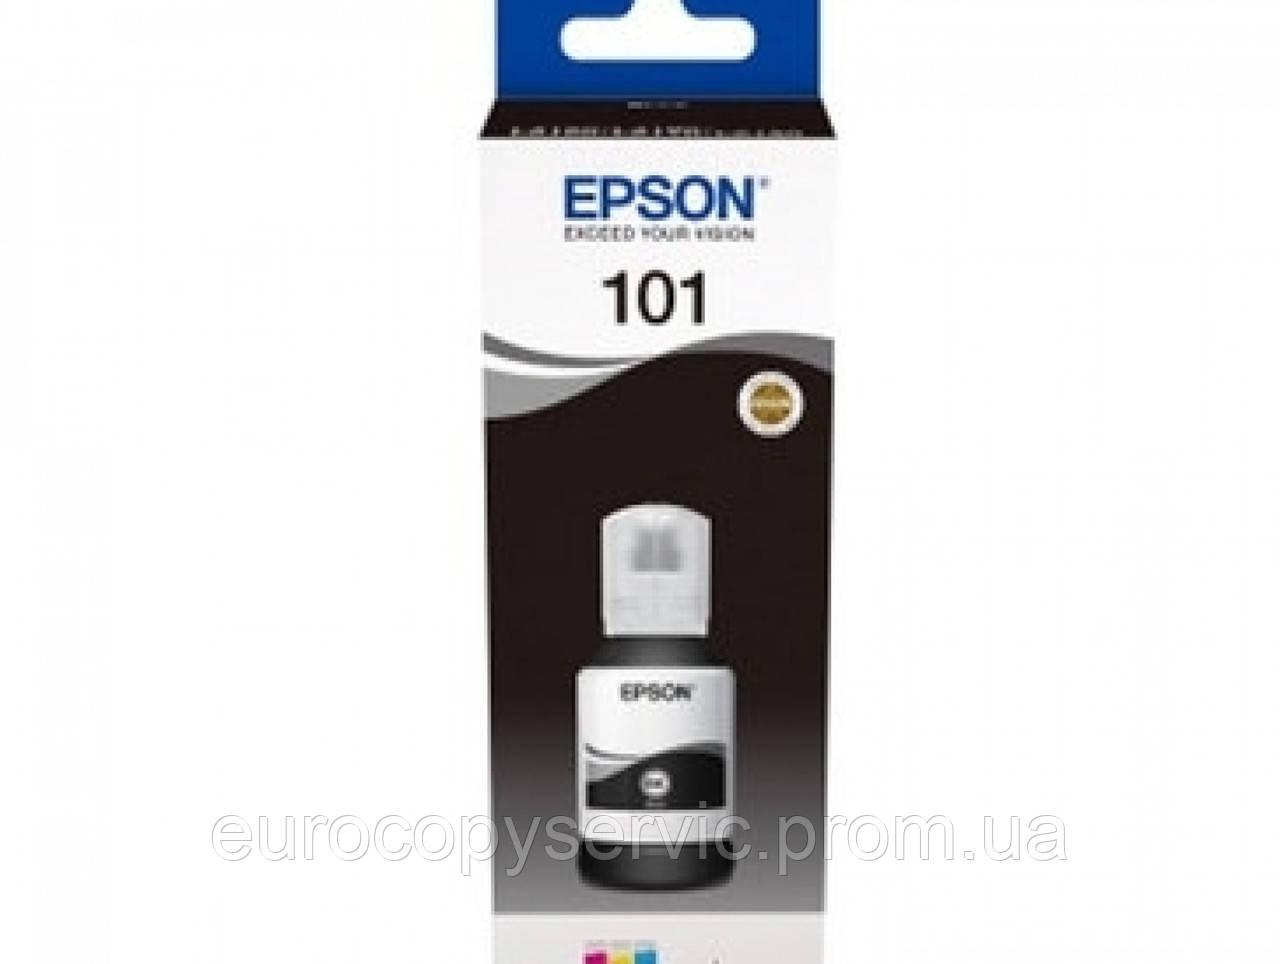 Контейнер з чорними чорнилами для Epson L4160 L4xxx/L6xxx Black